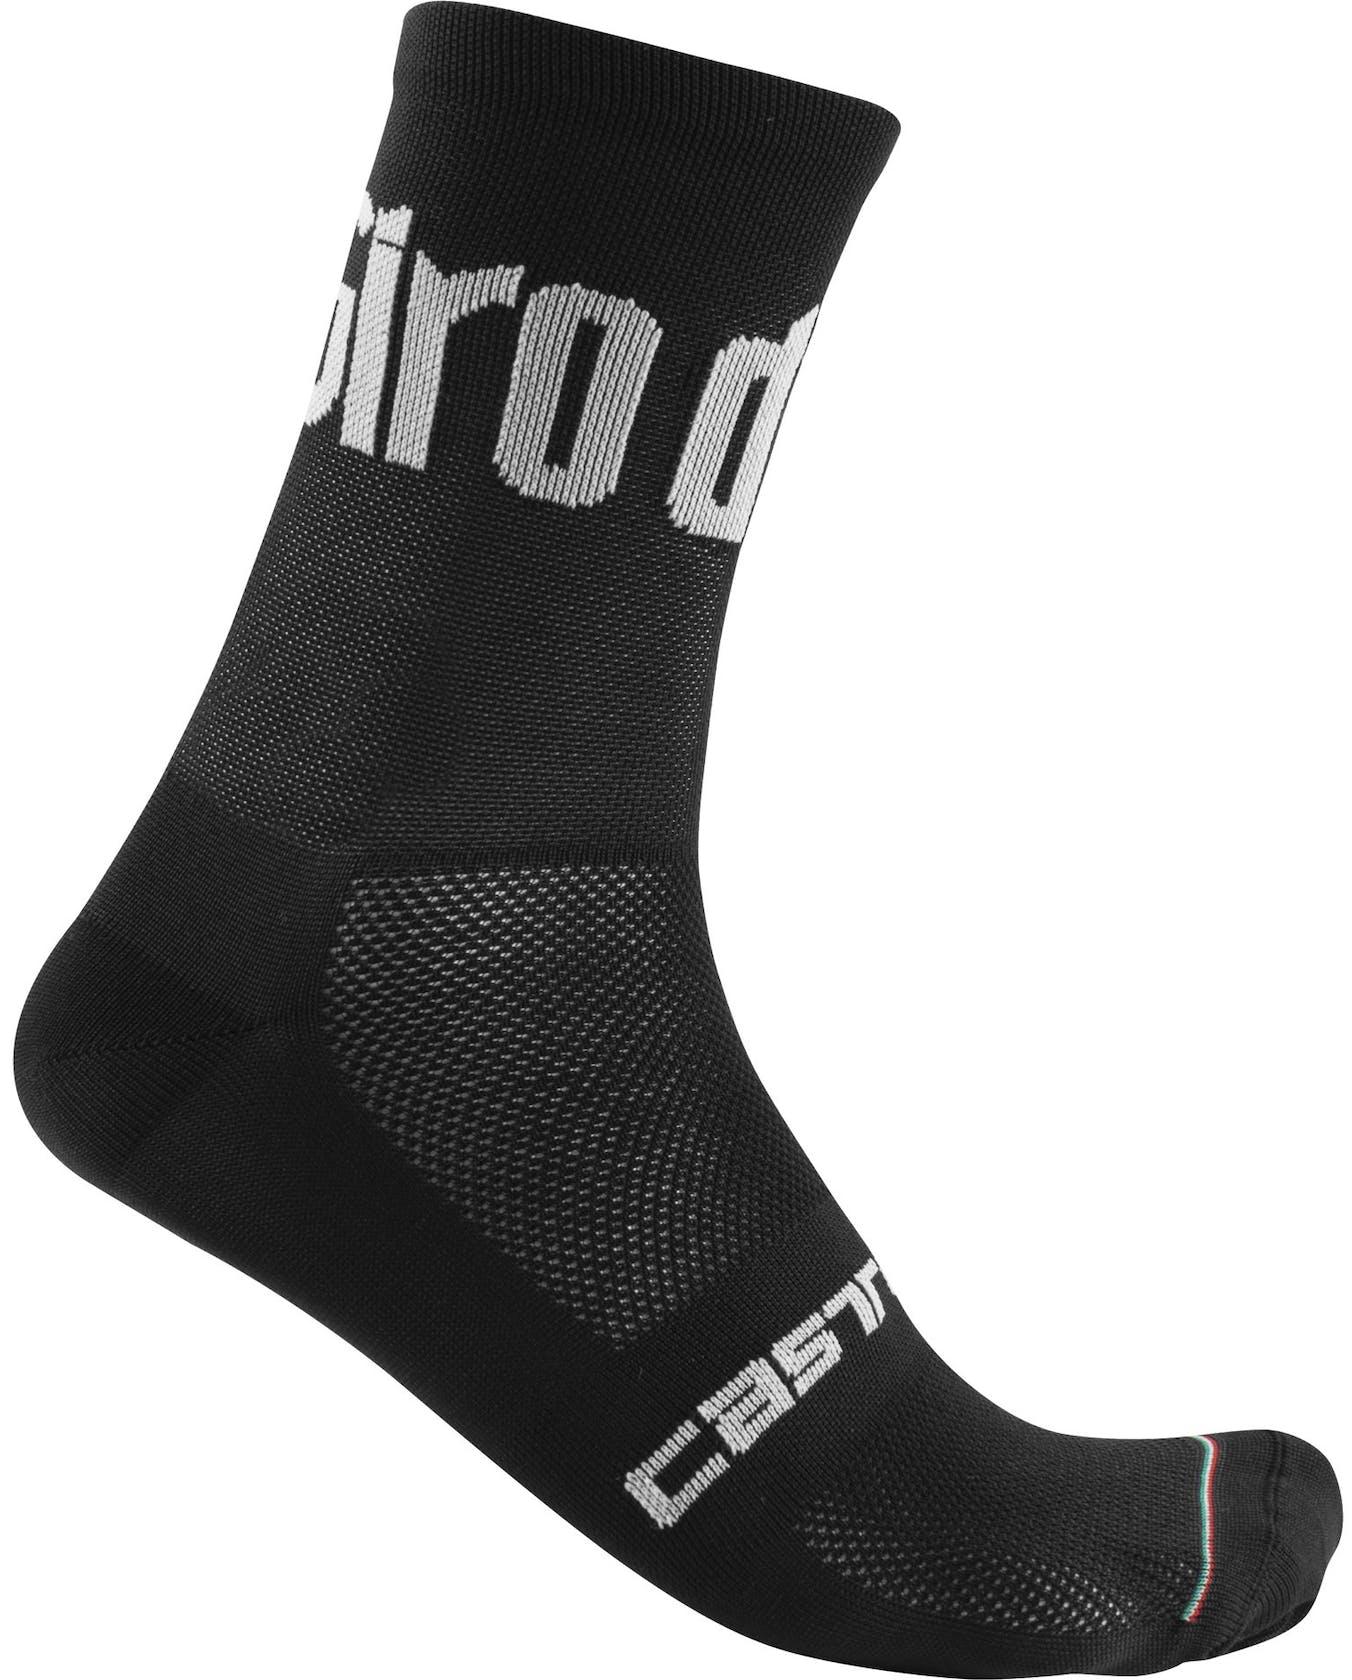 Castelli 13 Giro d'Italia 2020 - Radsocken